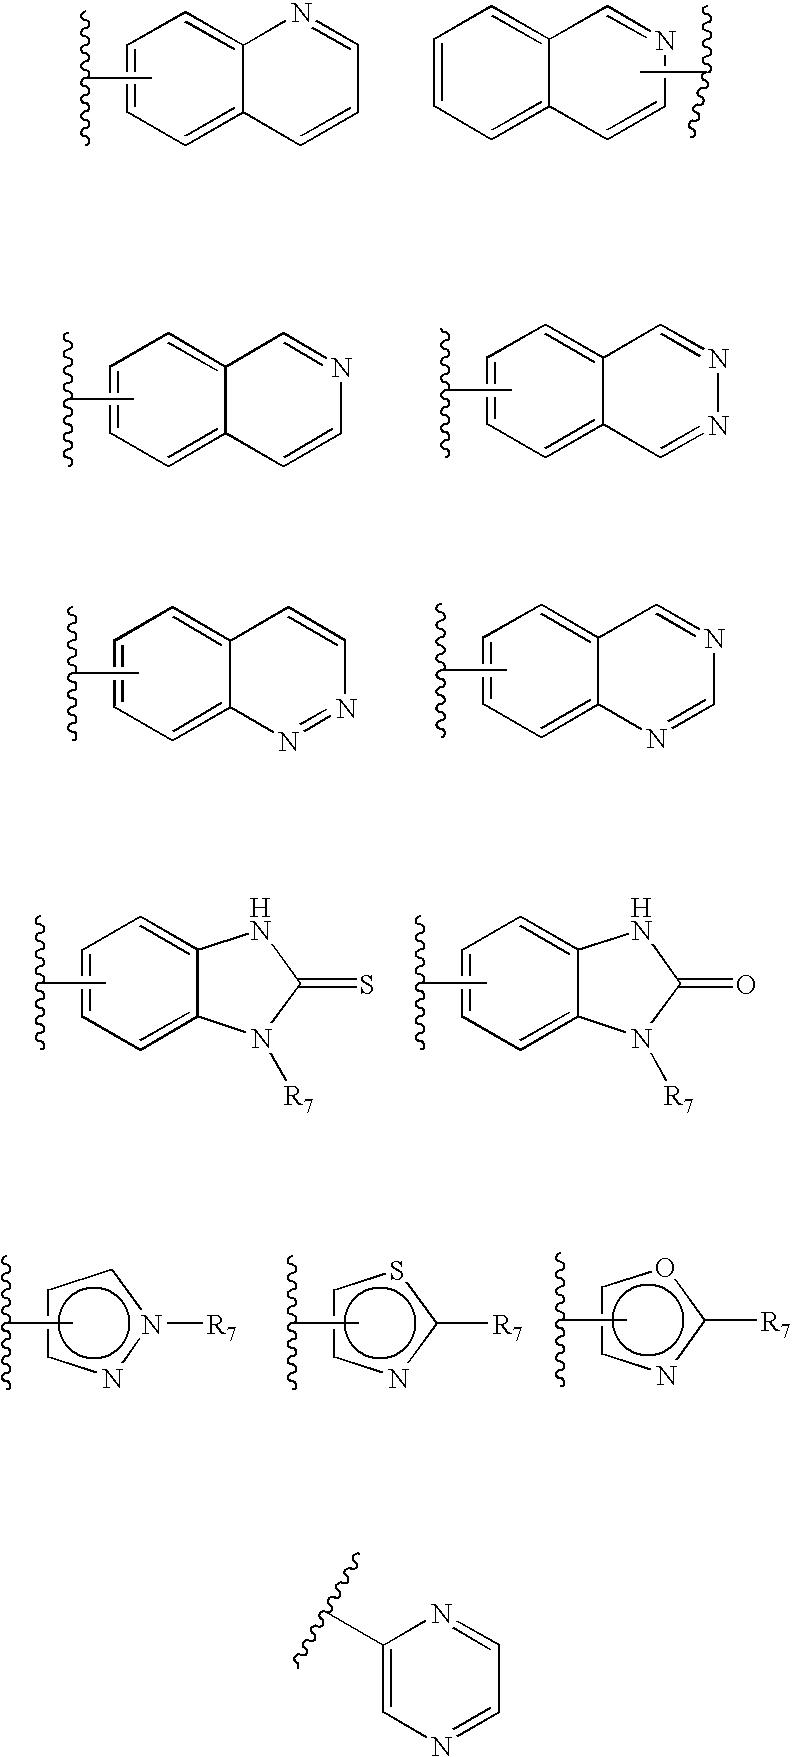 Figure US20060189617A1-20060824-C00041